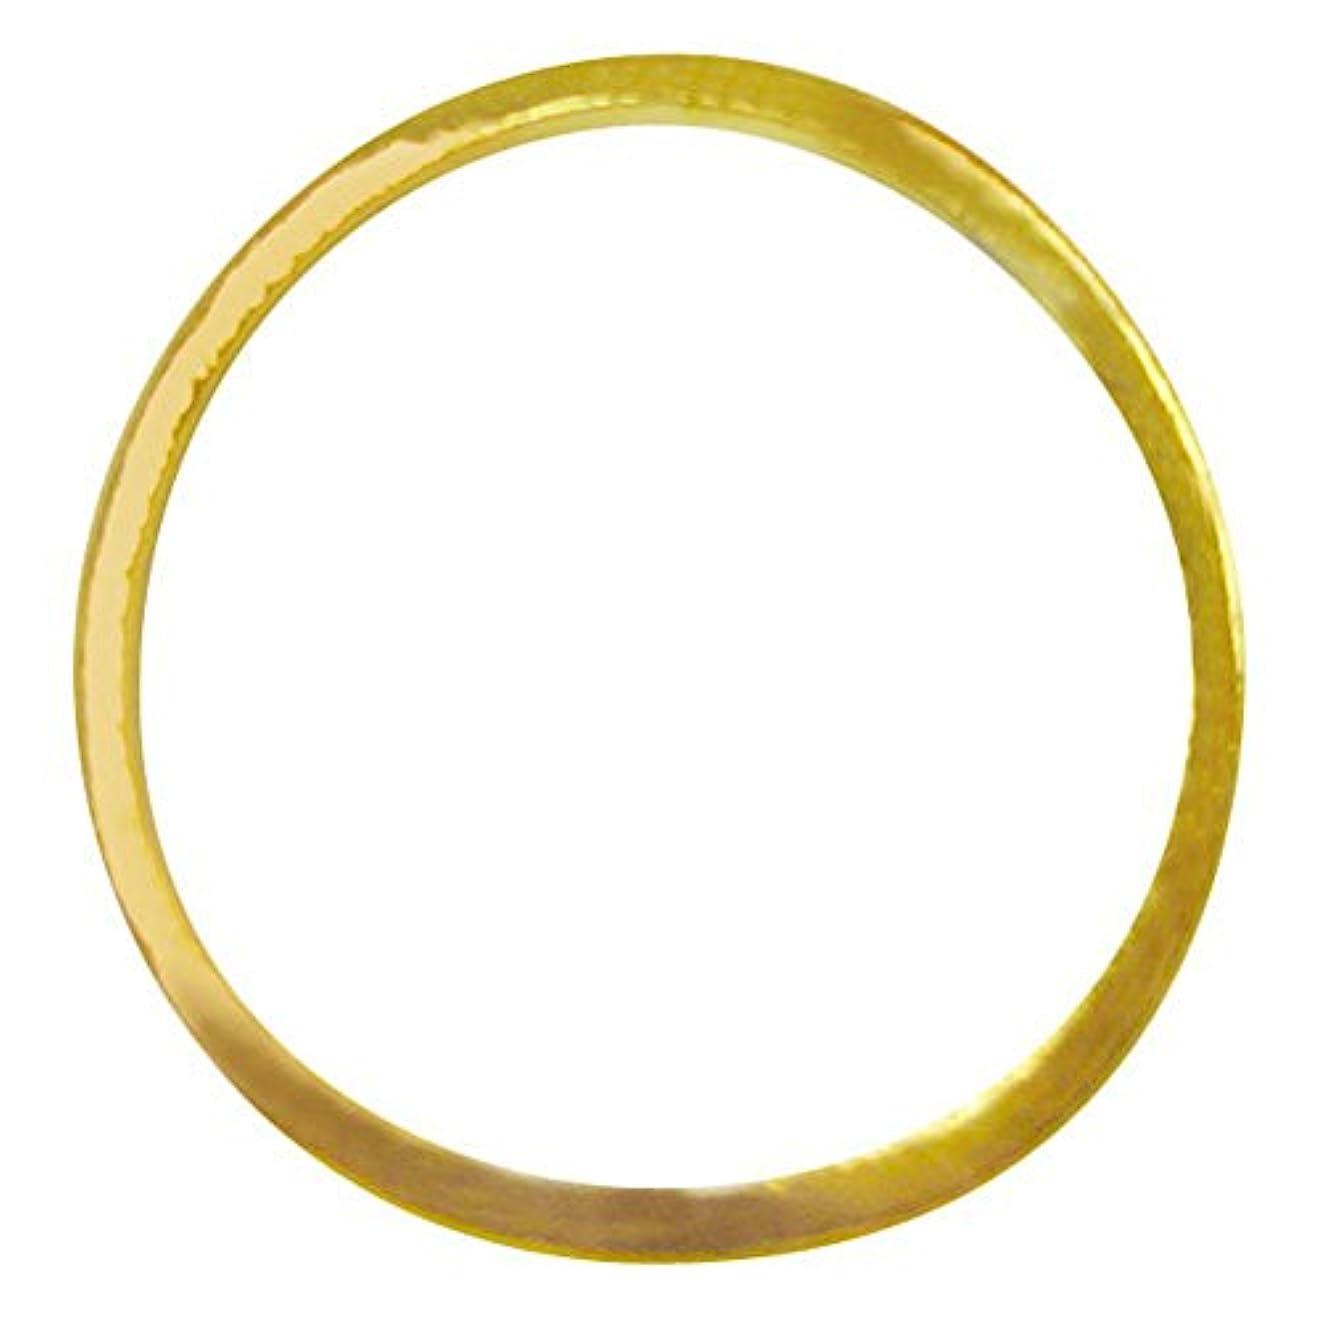 階進捗ラフジェルネイル  サンシャインベビー シンプル ラウンドフレームL(ゴールド) 10P